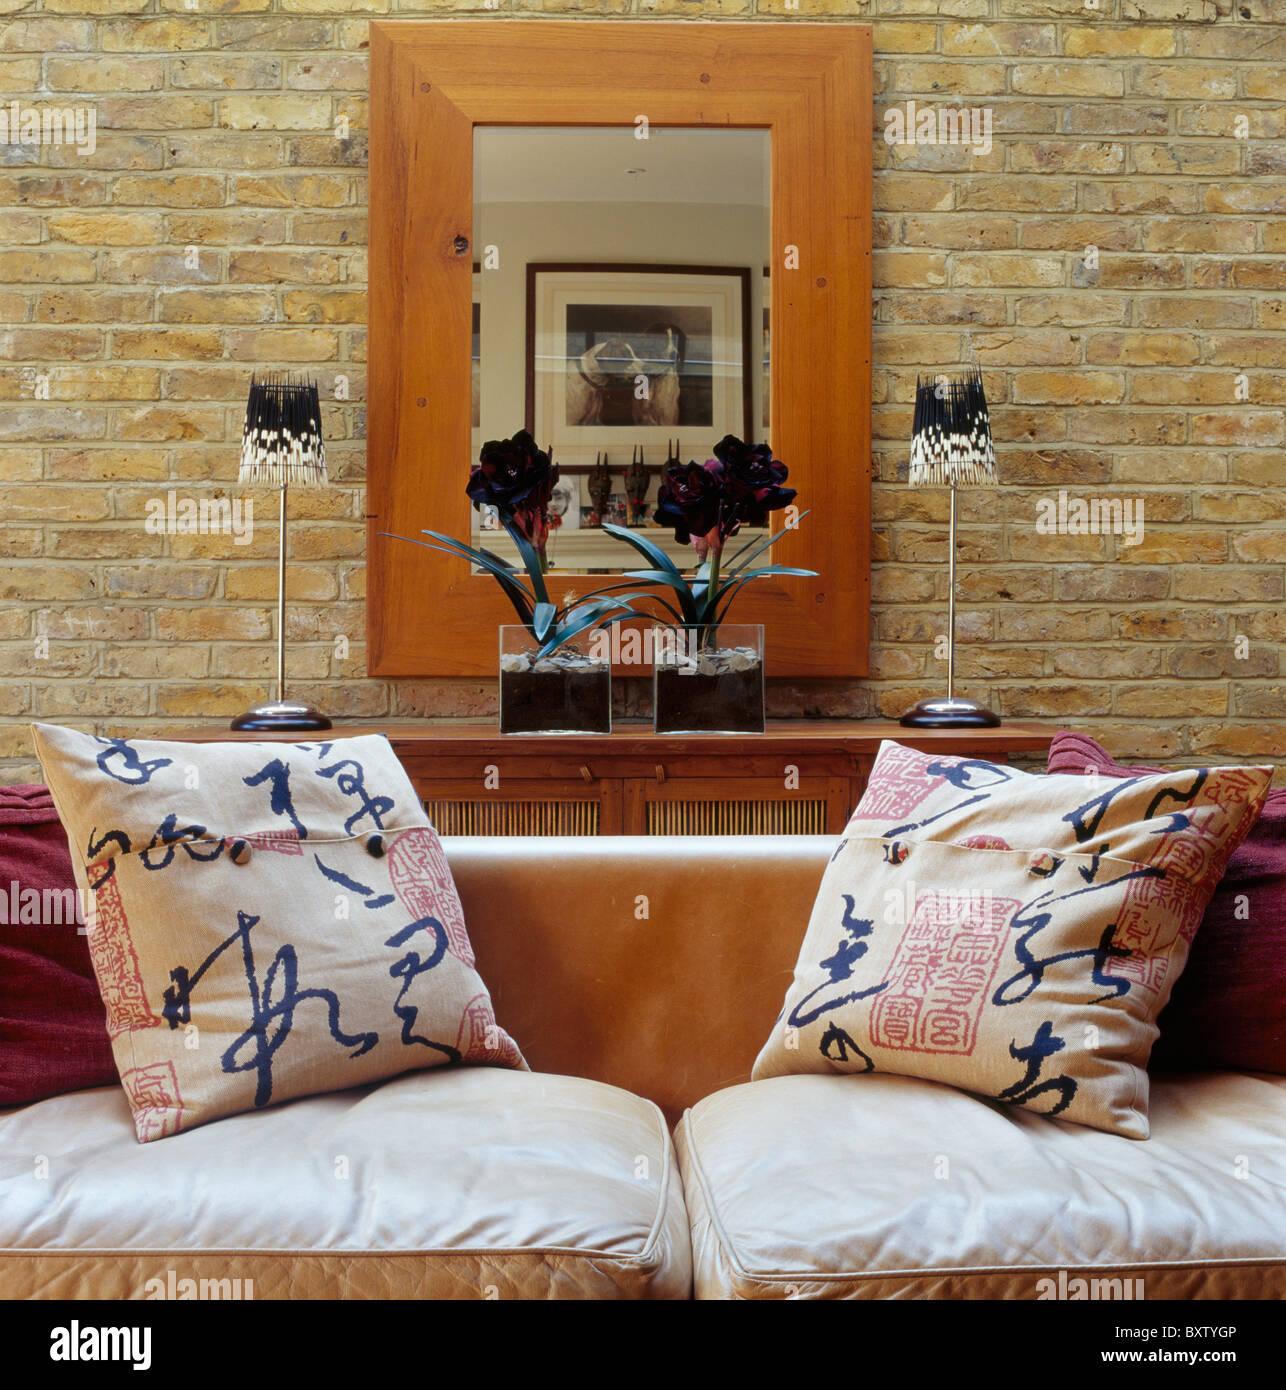 Miroir Salle De Sejour grand miroir au cadre en bois sur mur en briques apparentes